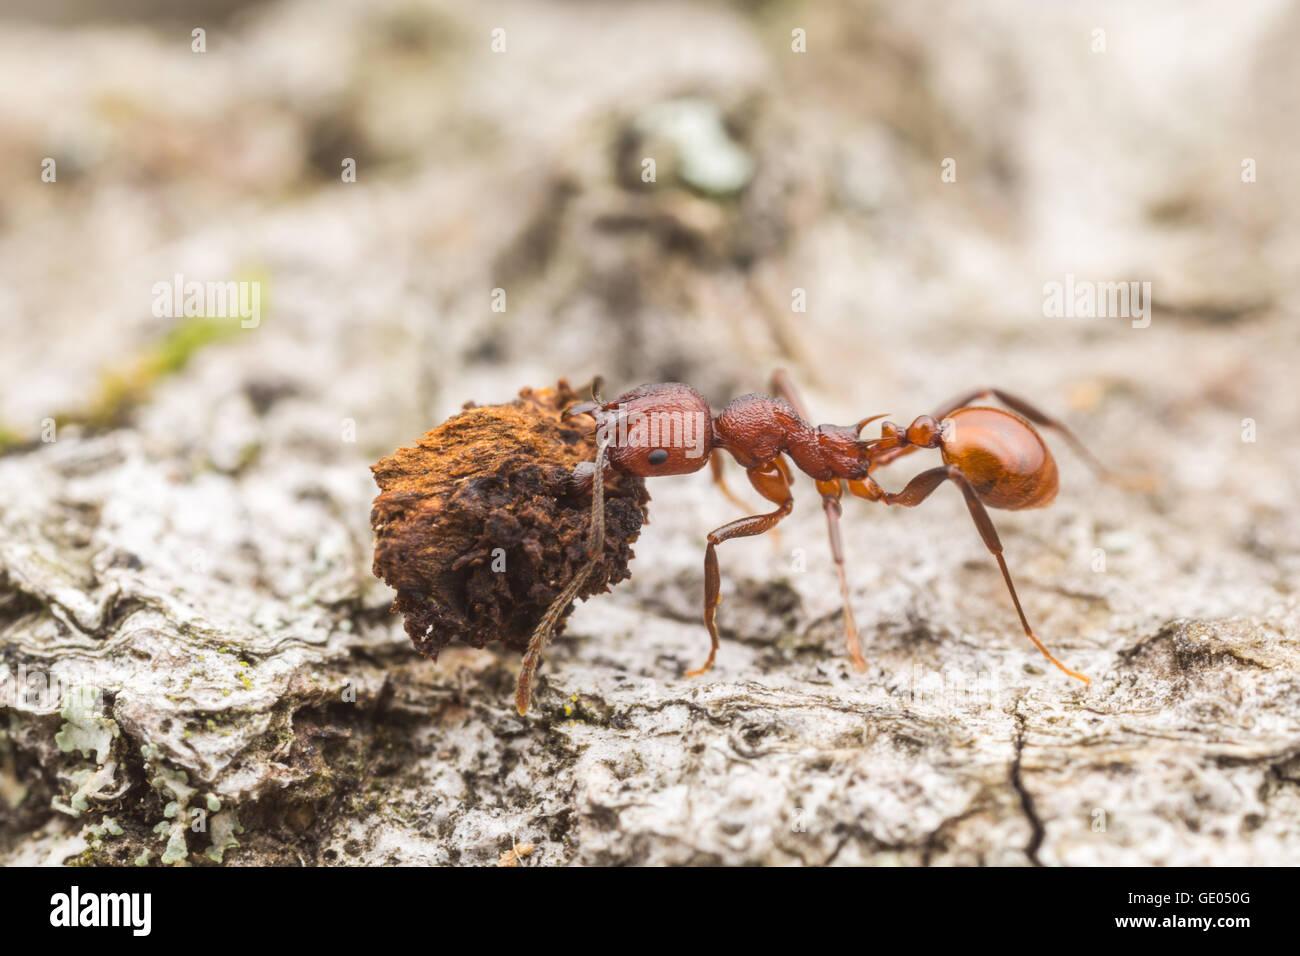 Un dorso-cintata Ant (Aphaenogaster tennesseensis) lavoratore svolge fagocitato cibo e tornare al suo nido. Immagini Stock